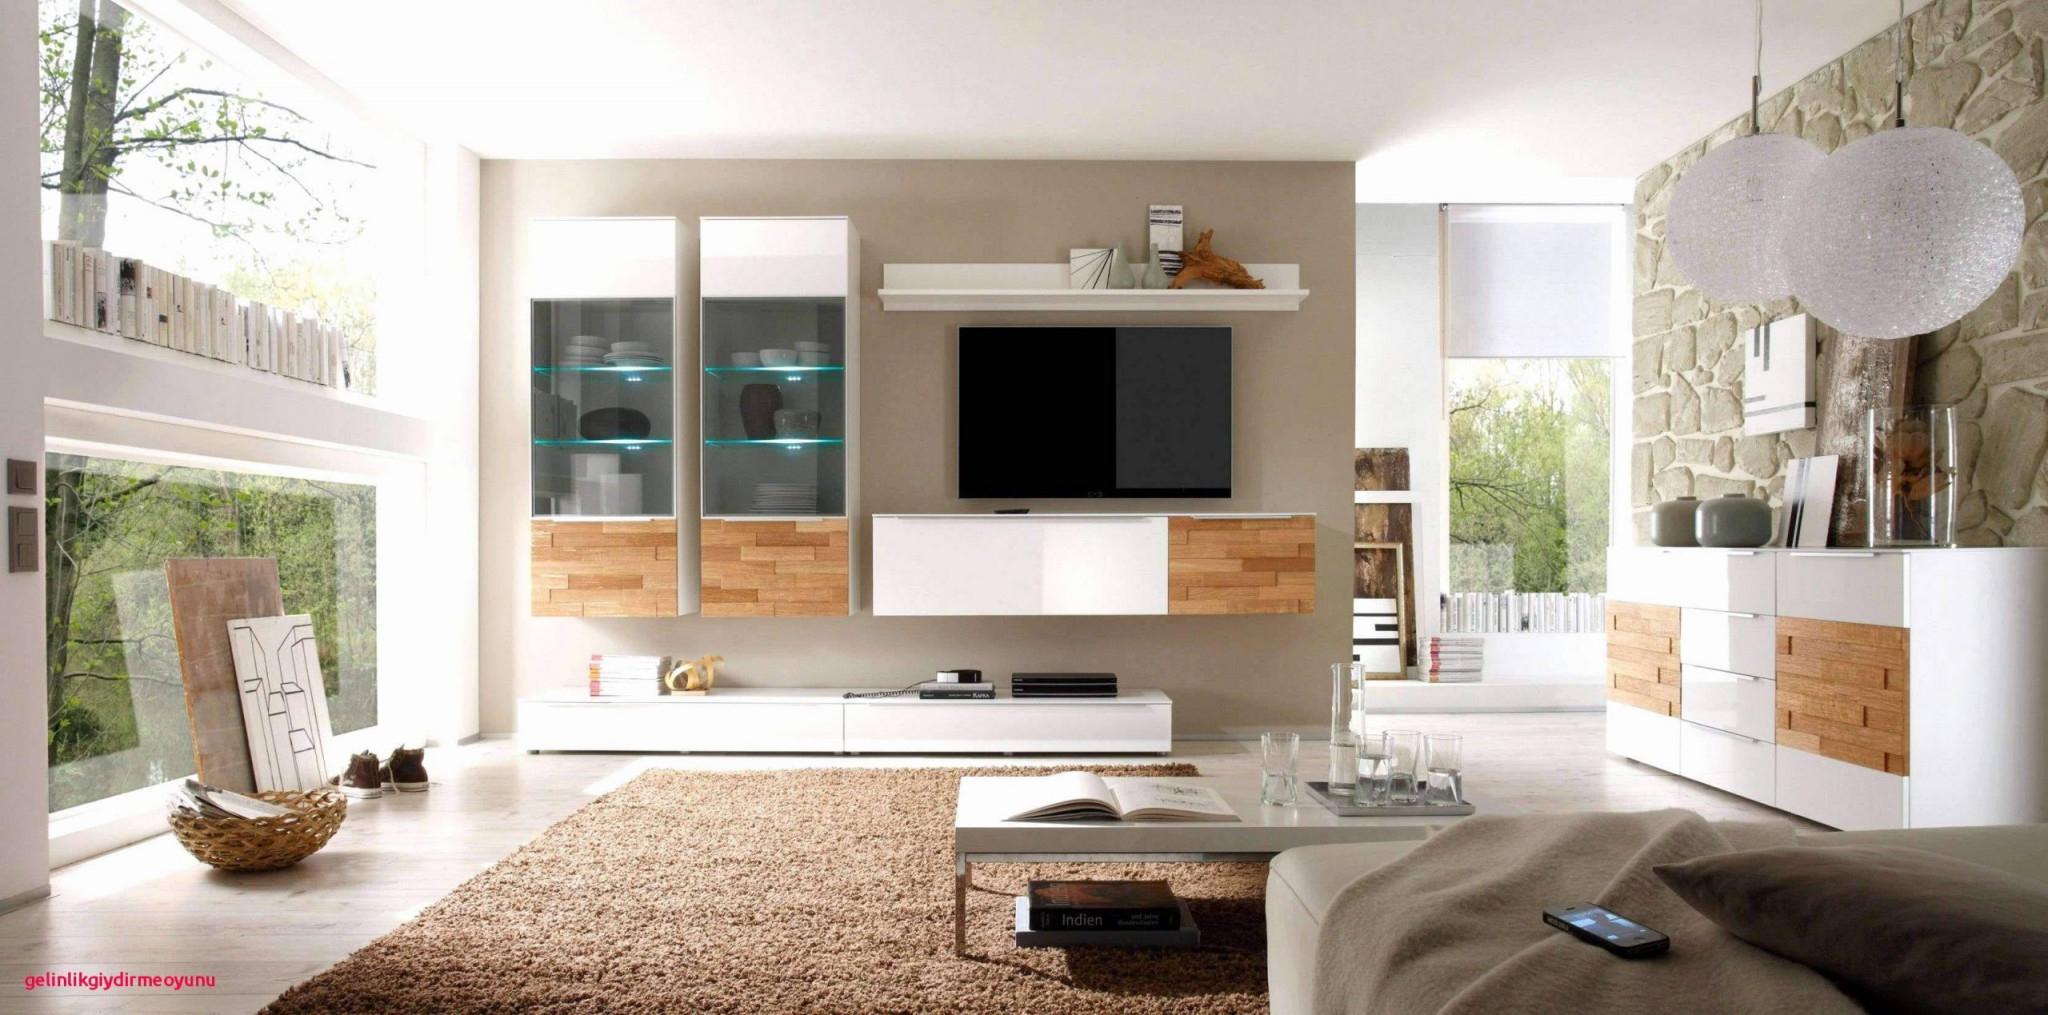 Wohnzimmer Holz Modern Reizend Deko Ideen Wohnzimmer Holz von Wohnzimmer Ideen Holzmöbel Photo